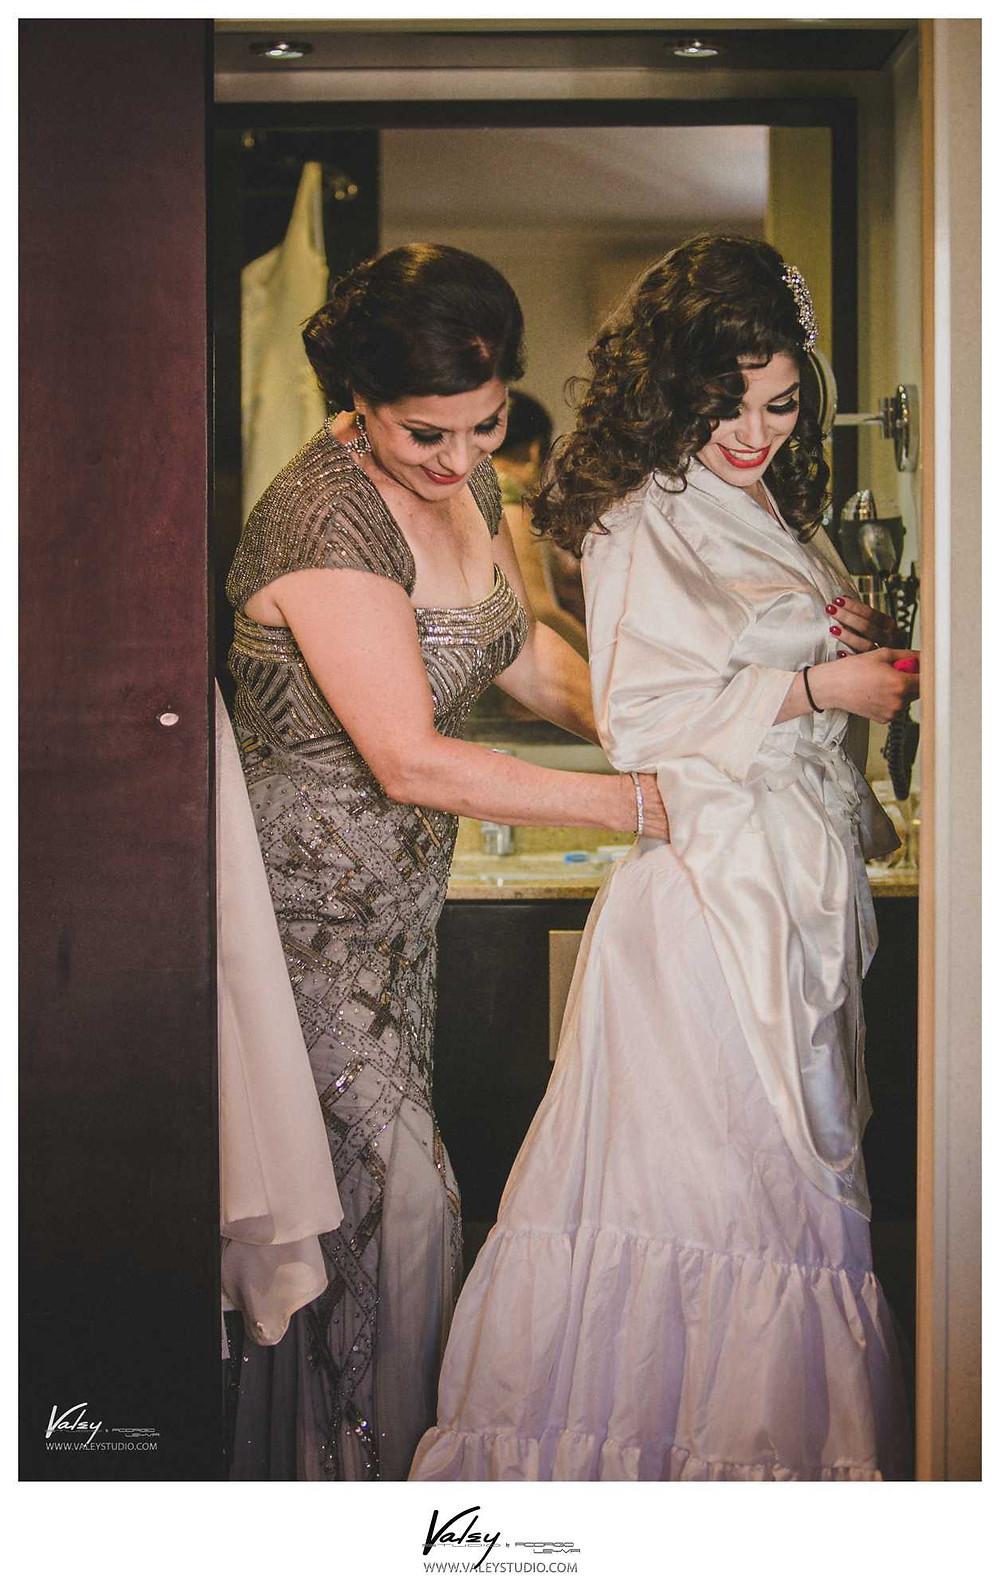 wedding-valeystudio-real-del-rio-tijuana-13.jpg